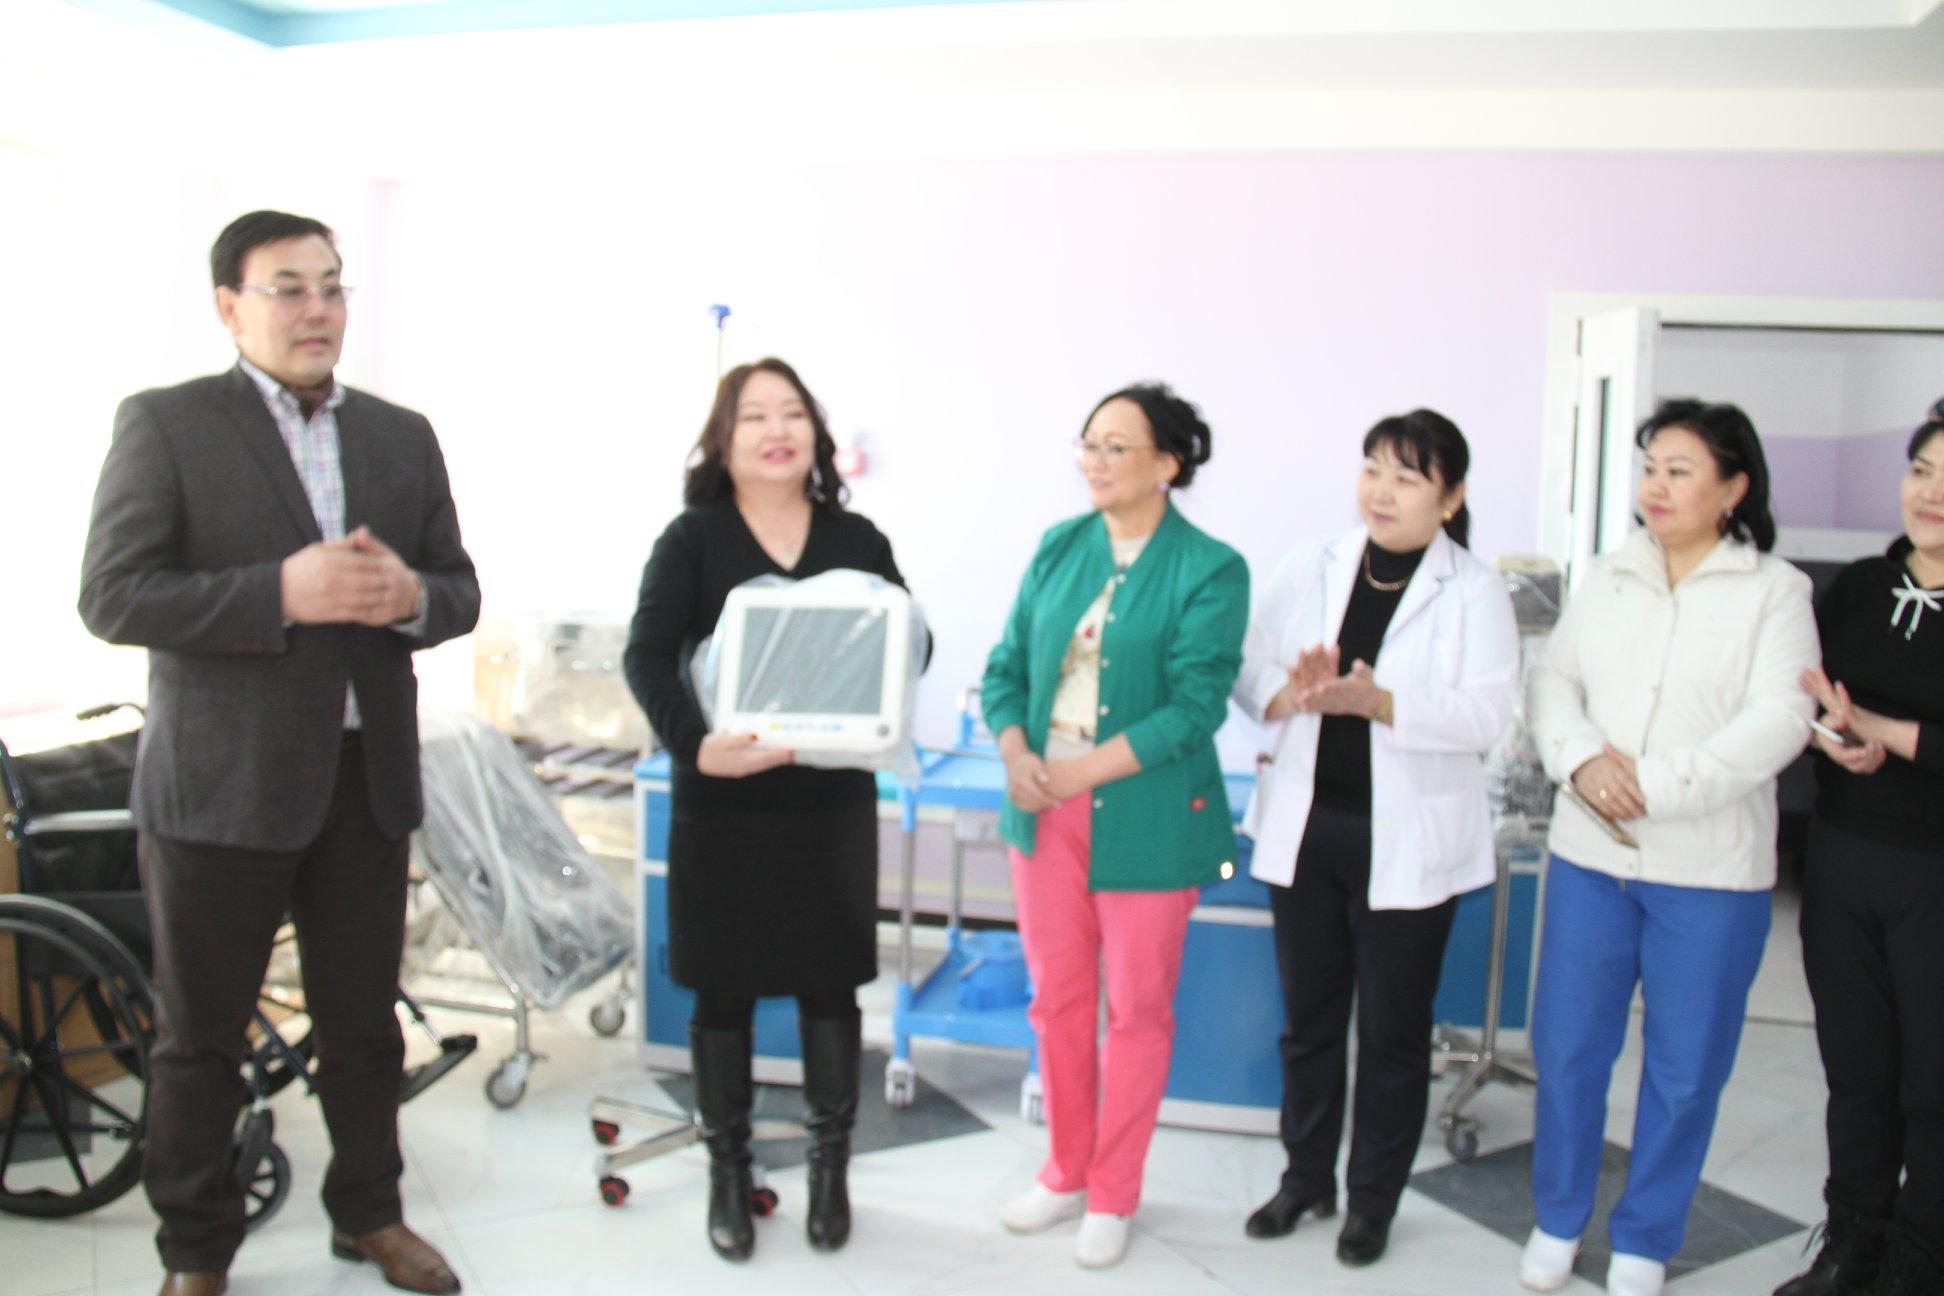 Төрөх эмнэлэгт 36 сая төгрөгийн өртөг бүхий тоног төхөөрөмж хүлээлгэн өглөө